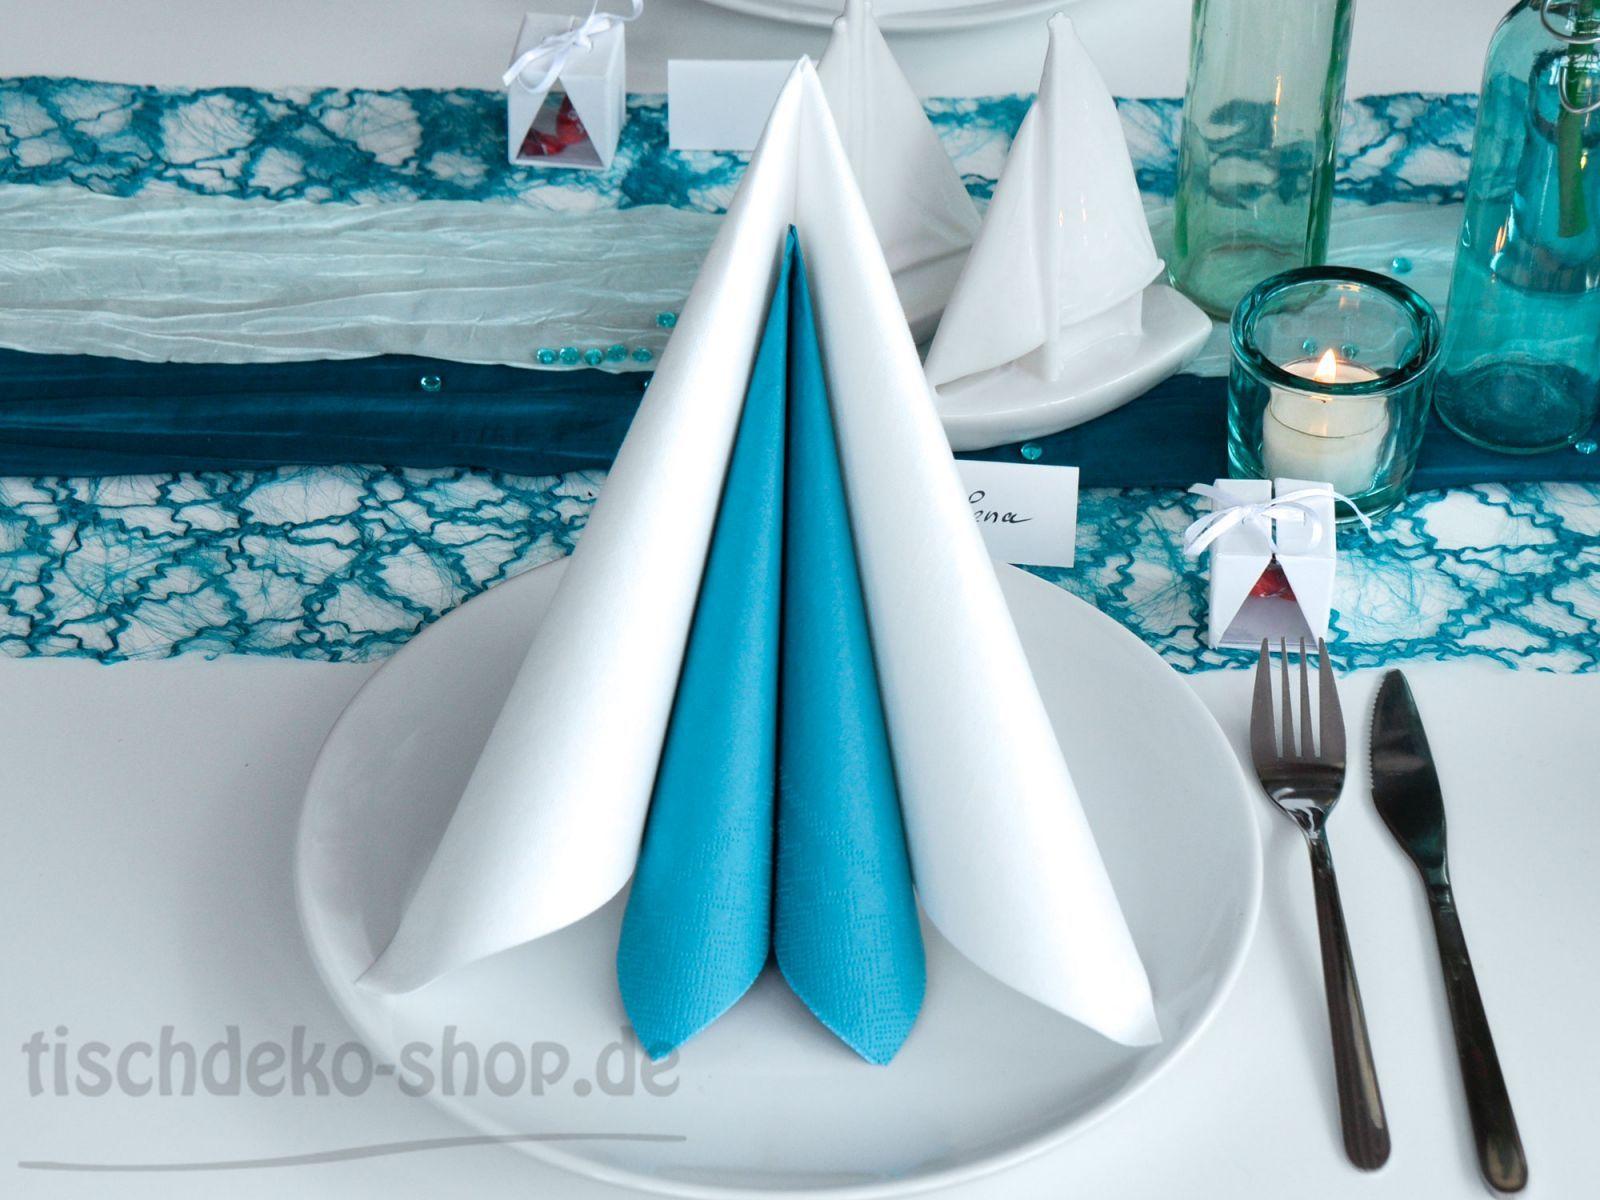 servietten in t rkis unf wei servietten pinterest kommunion erstkommunion und servietten. Black Bedroom Furniture Sets. Home Design Ideas